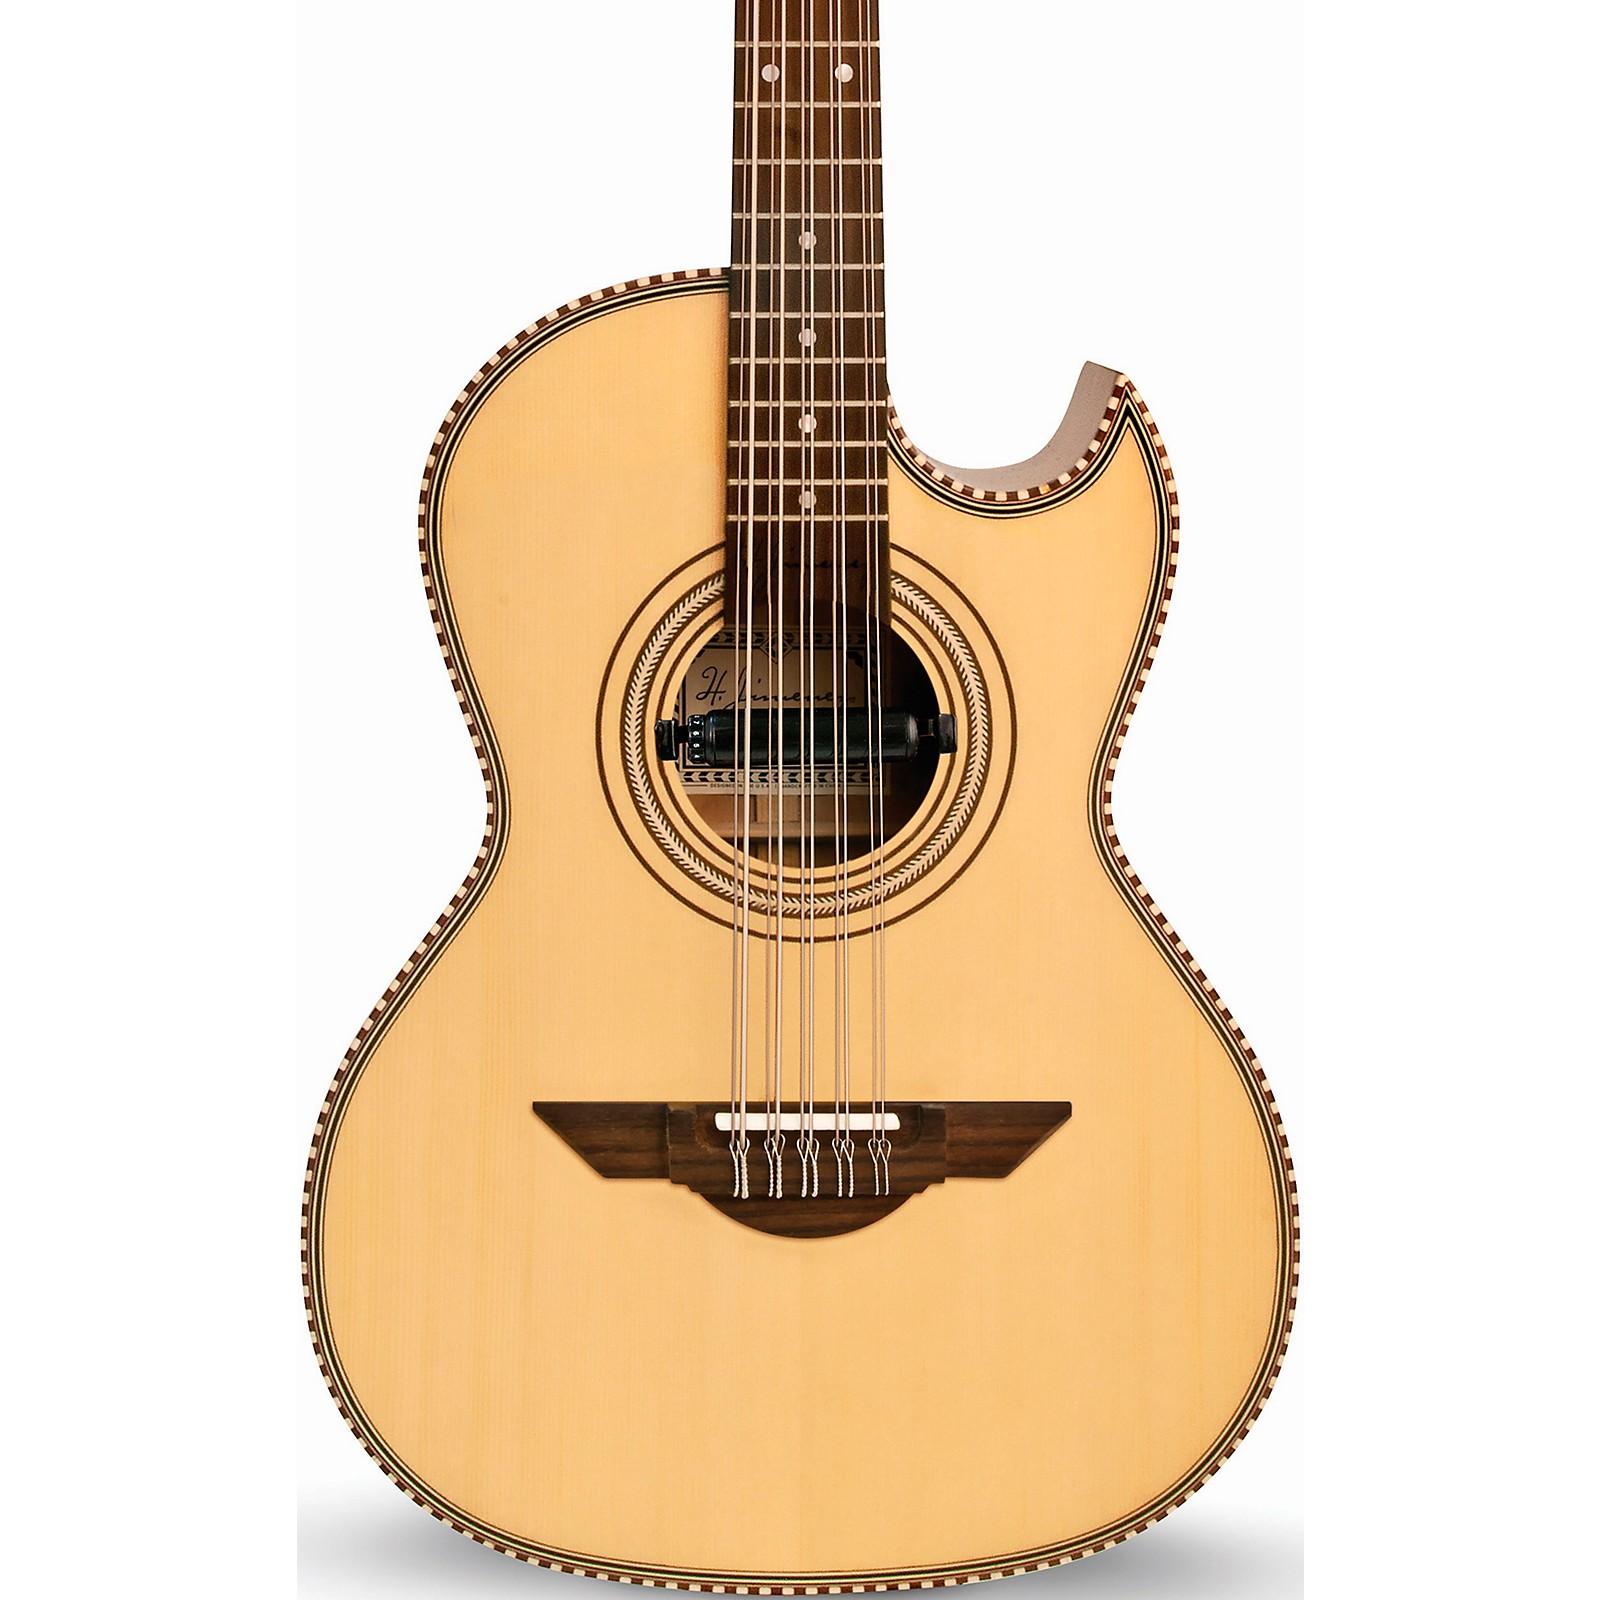 H. Jimenez LBQ1E Bajo Quinto El Estandar Series Acoustic-Electric